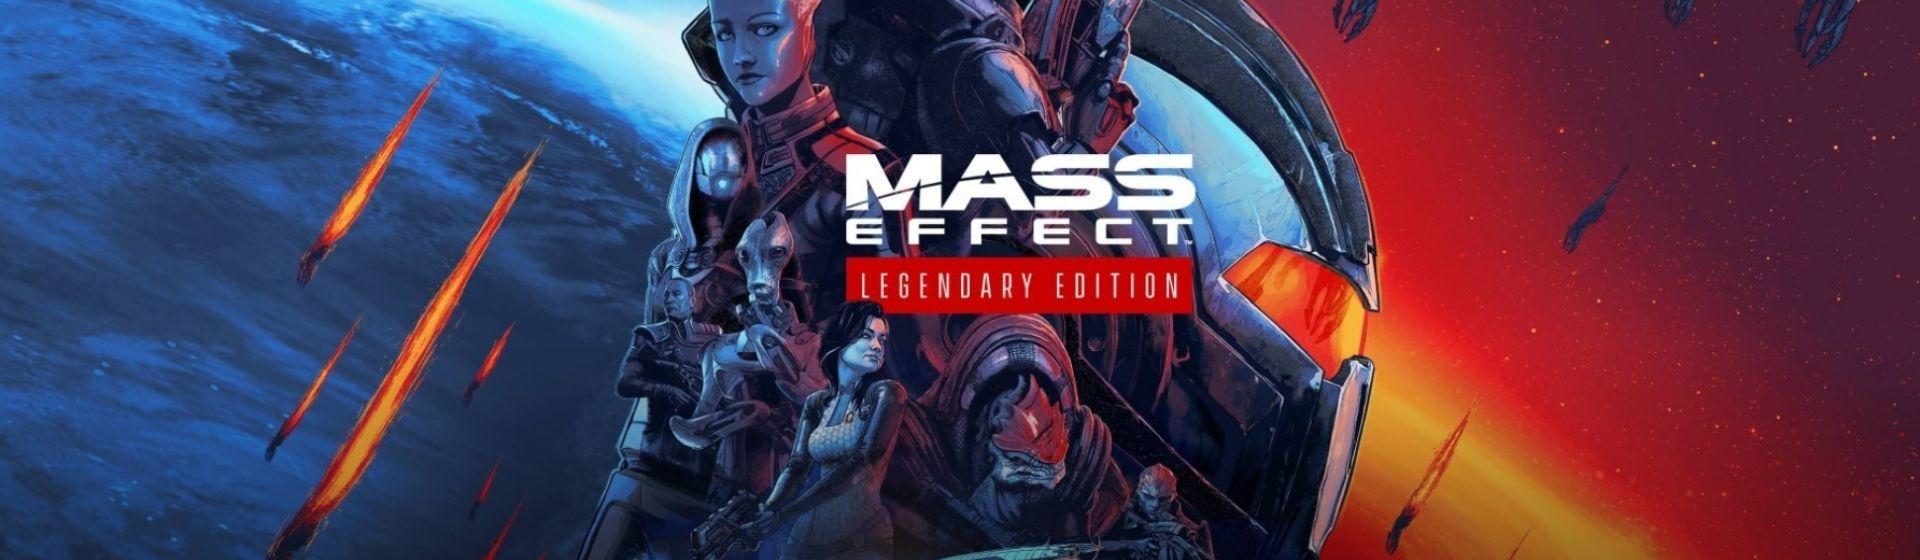 Mass Effect Legendary Edition: lançamento, trailer, preço e mais